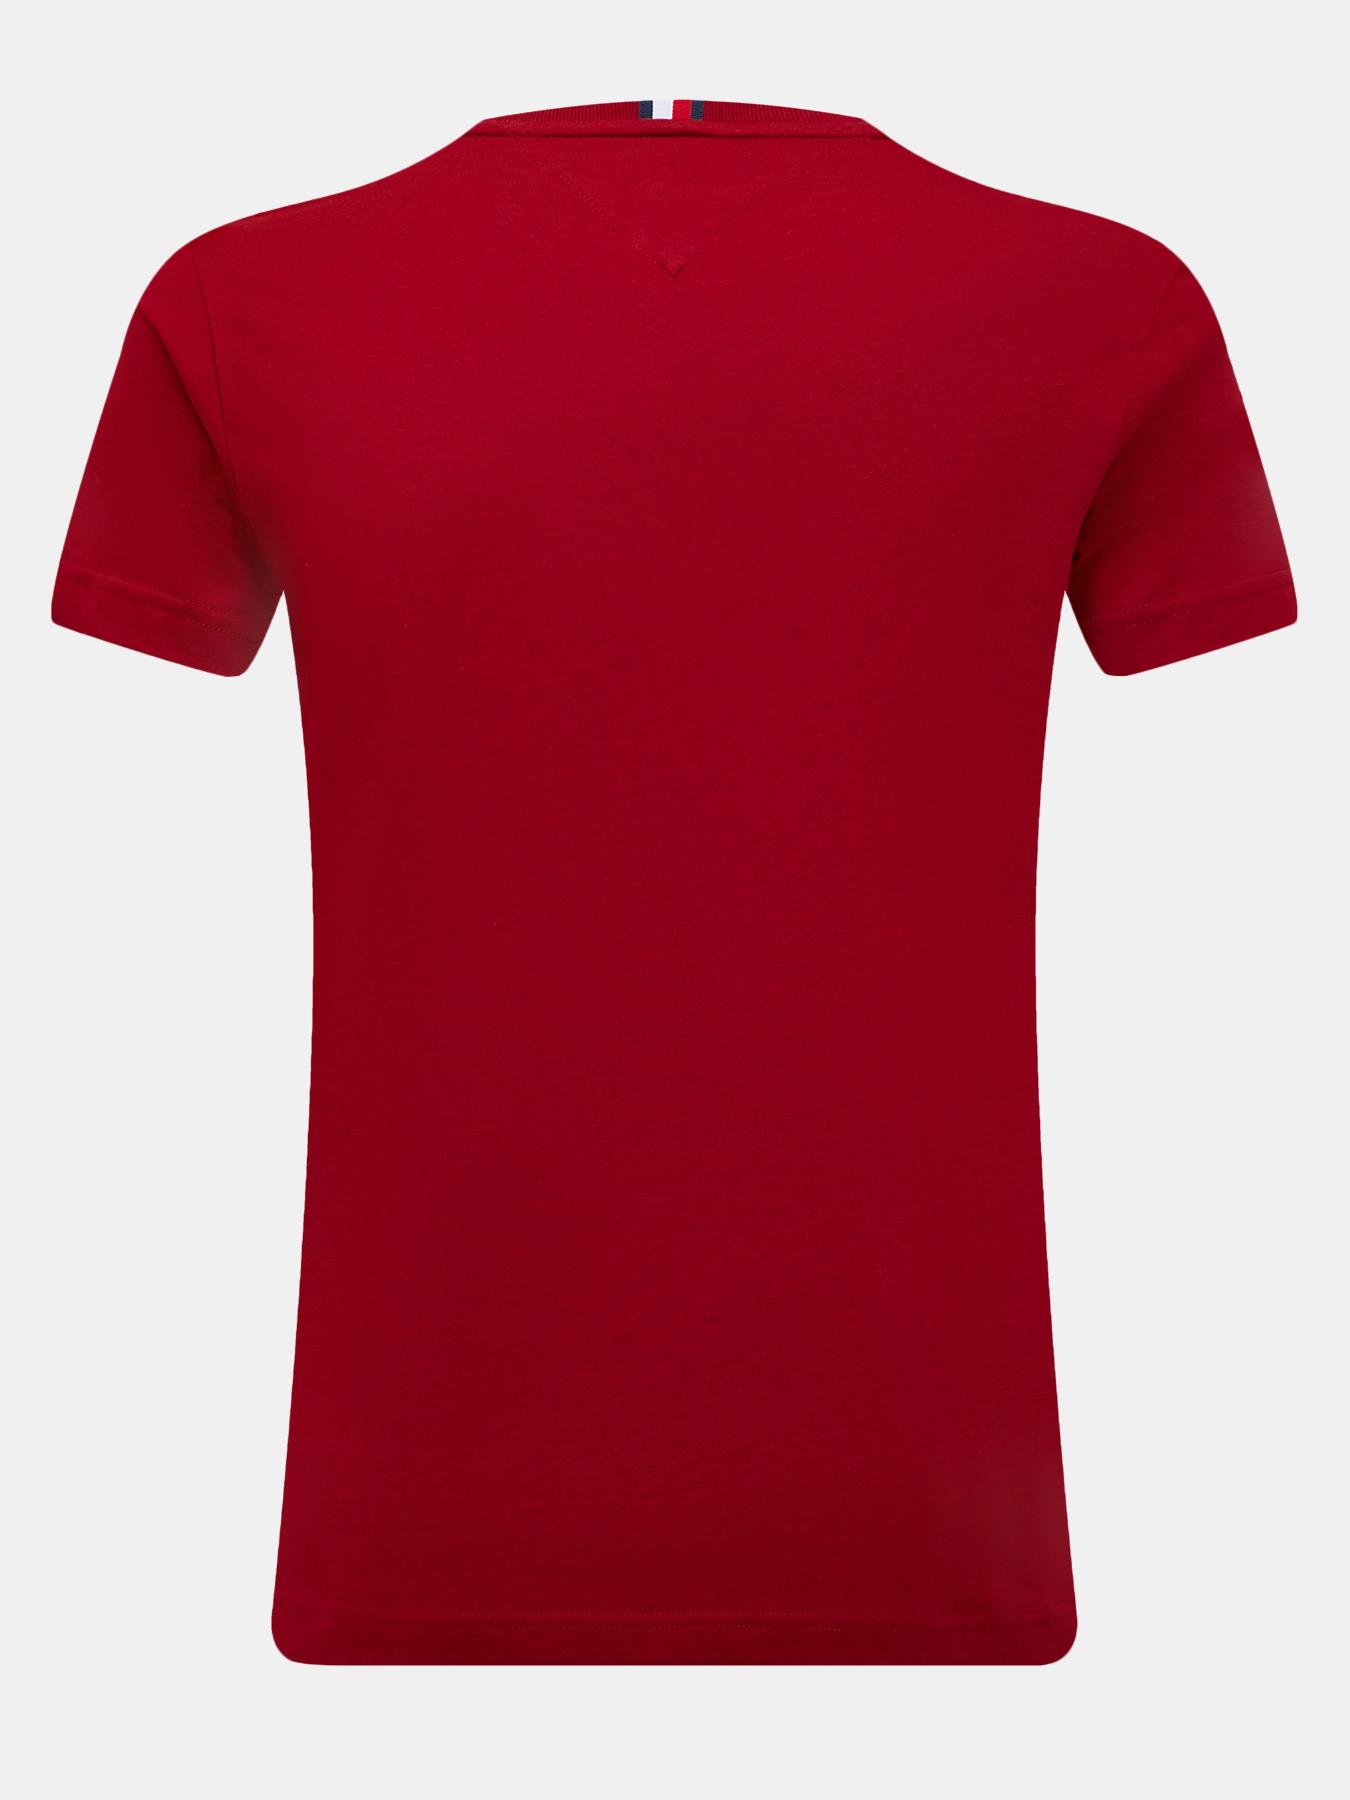 Фуфайка (футболка) Tommy Hilfiger Футболка футболка tommy hilfiger tommy hilfiger to263emfyol8